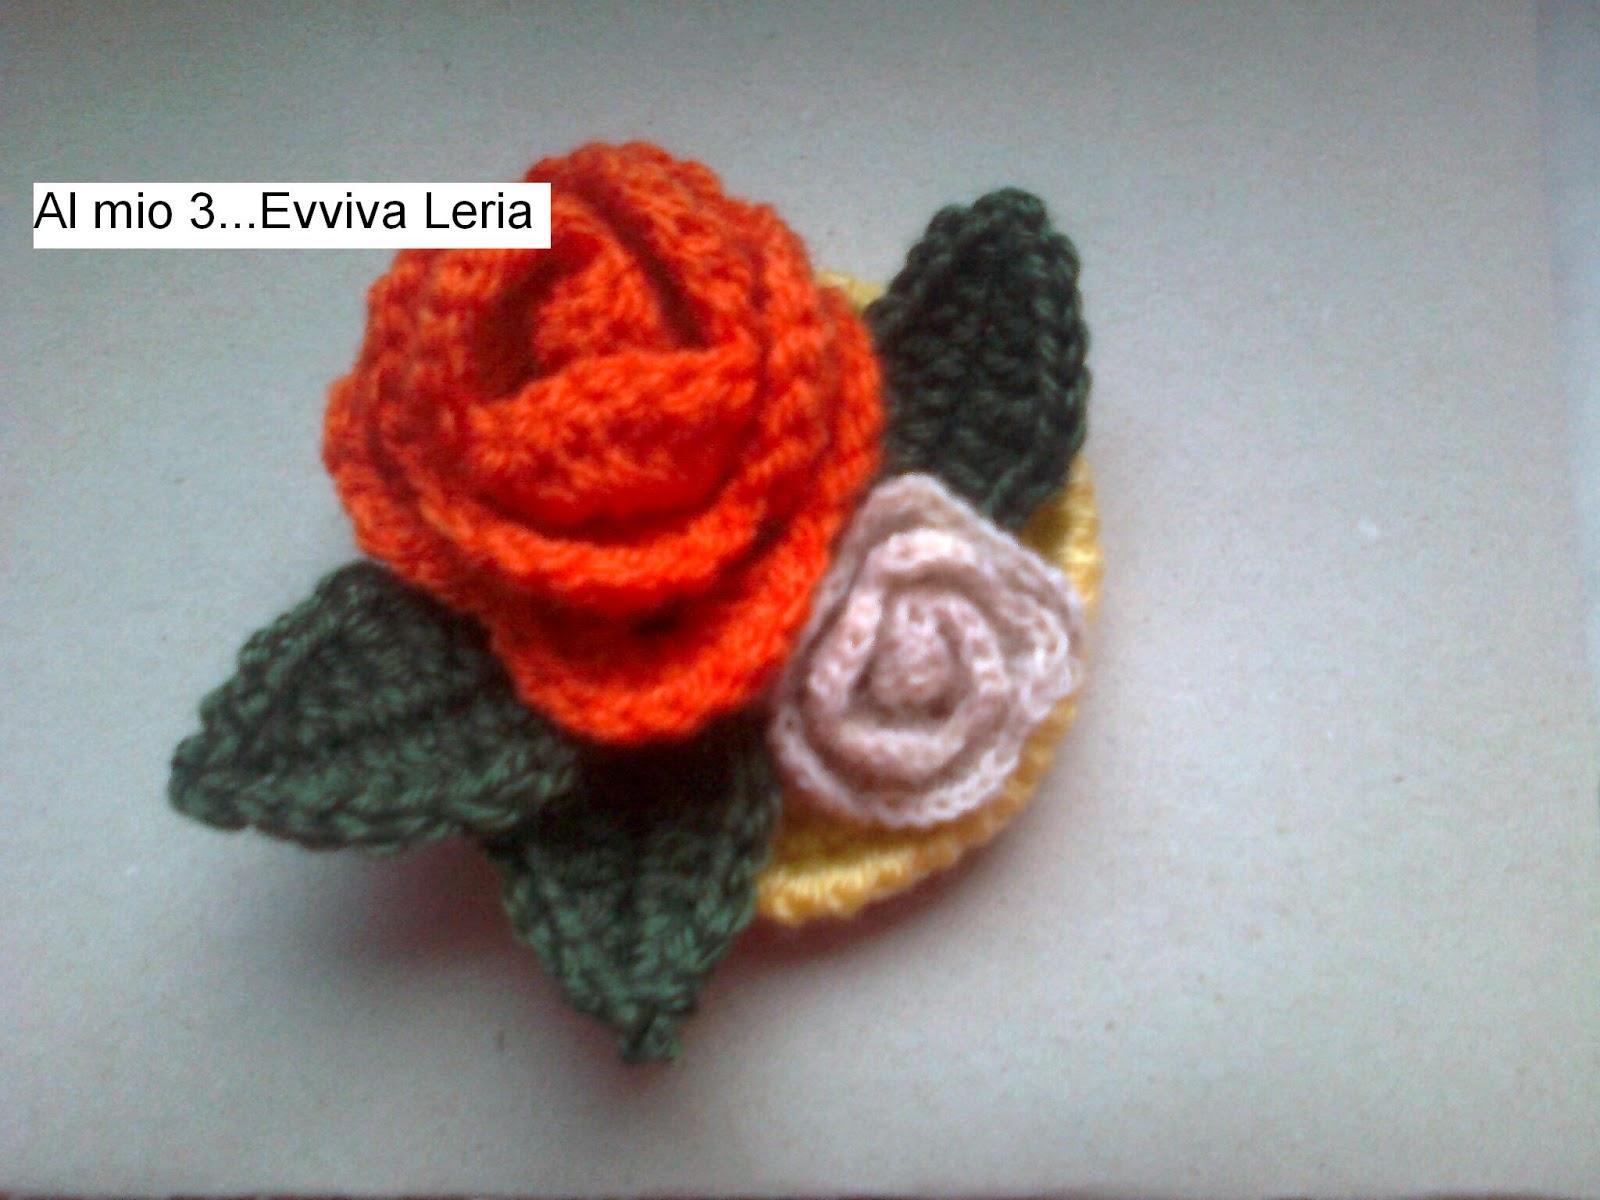 Al Mio 3evviva Leria Tappeto Di Rose Alluncinetto Tutorial